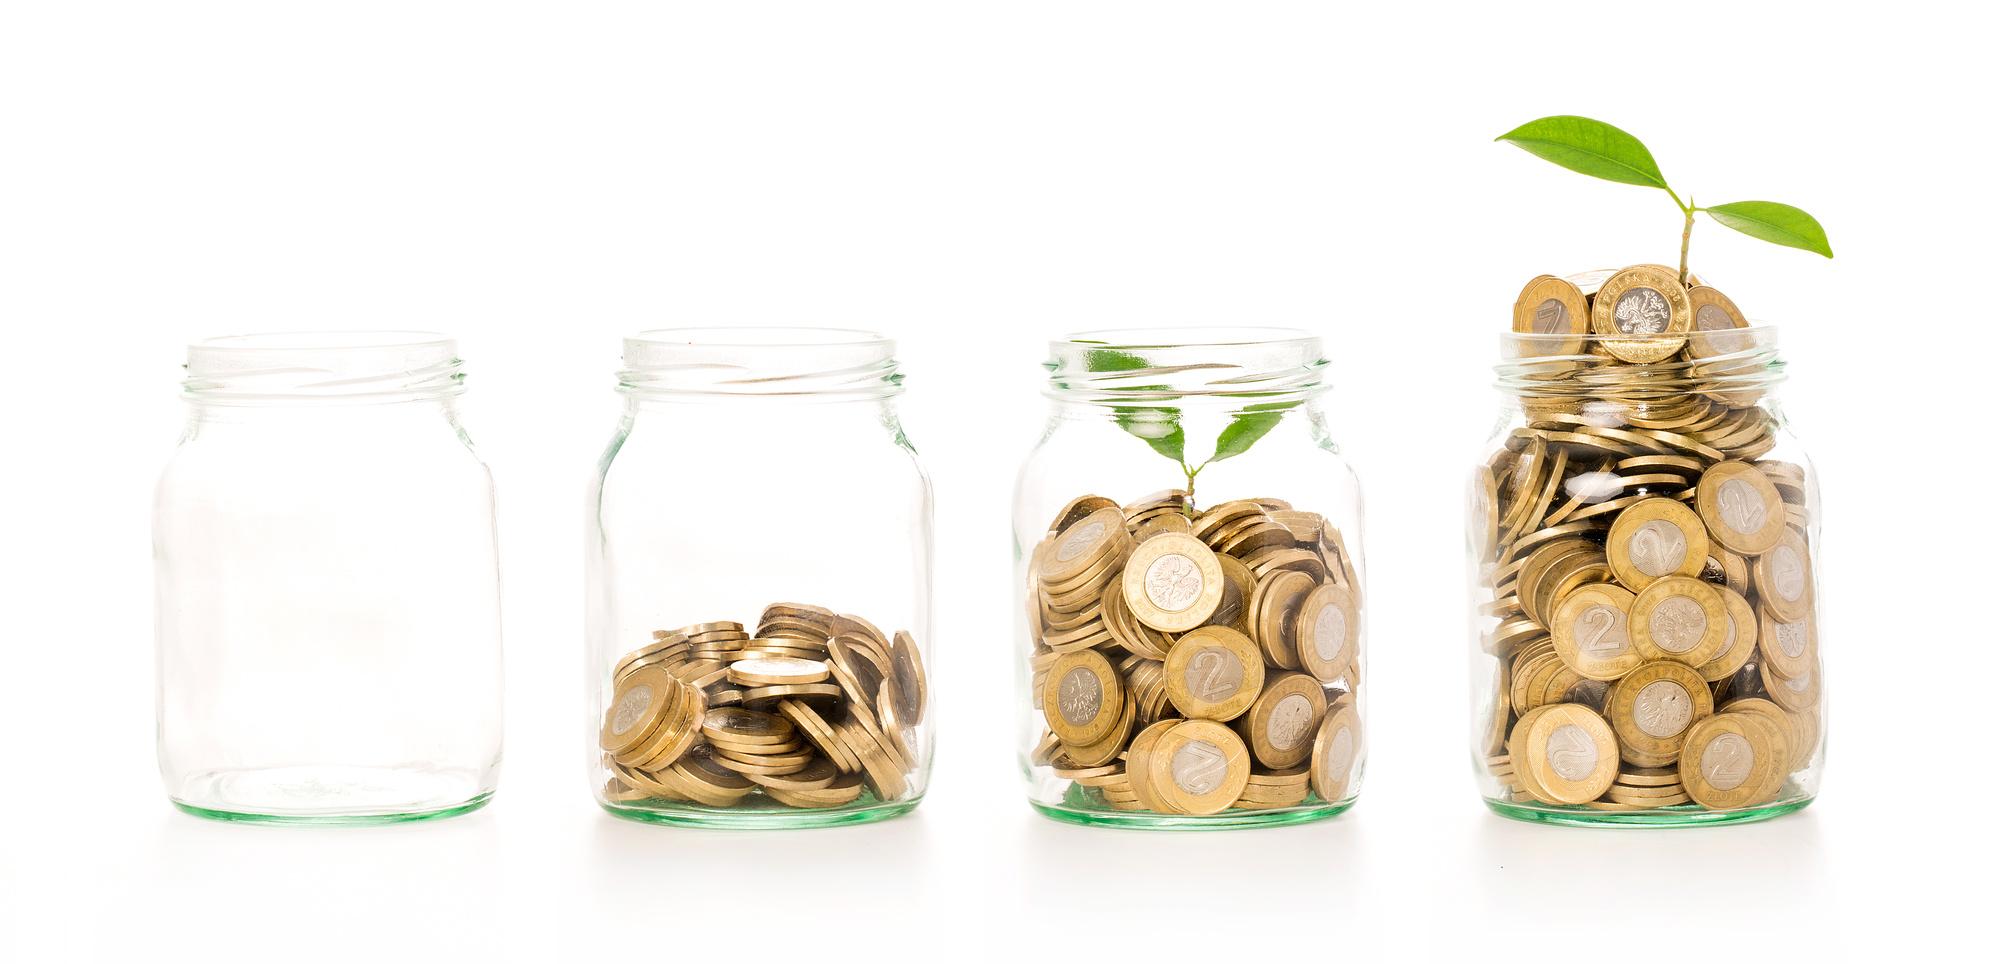 invest money online